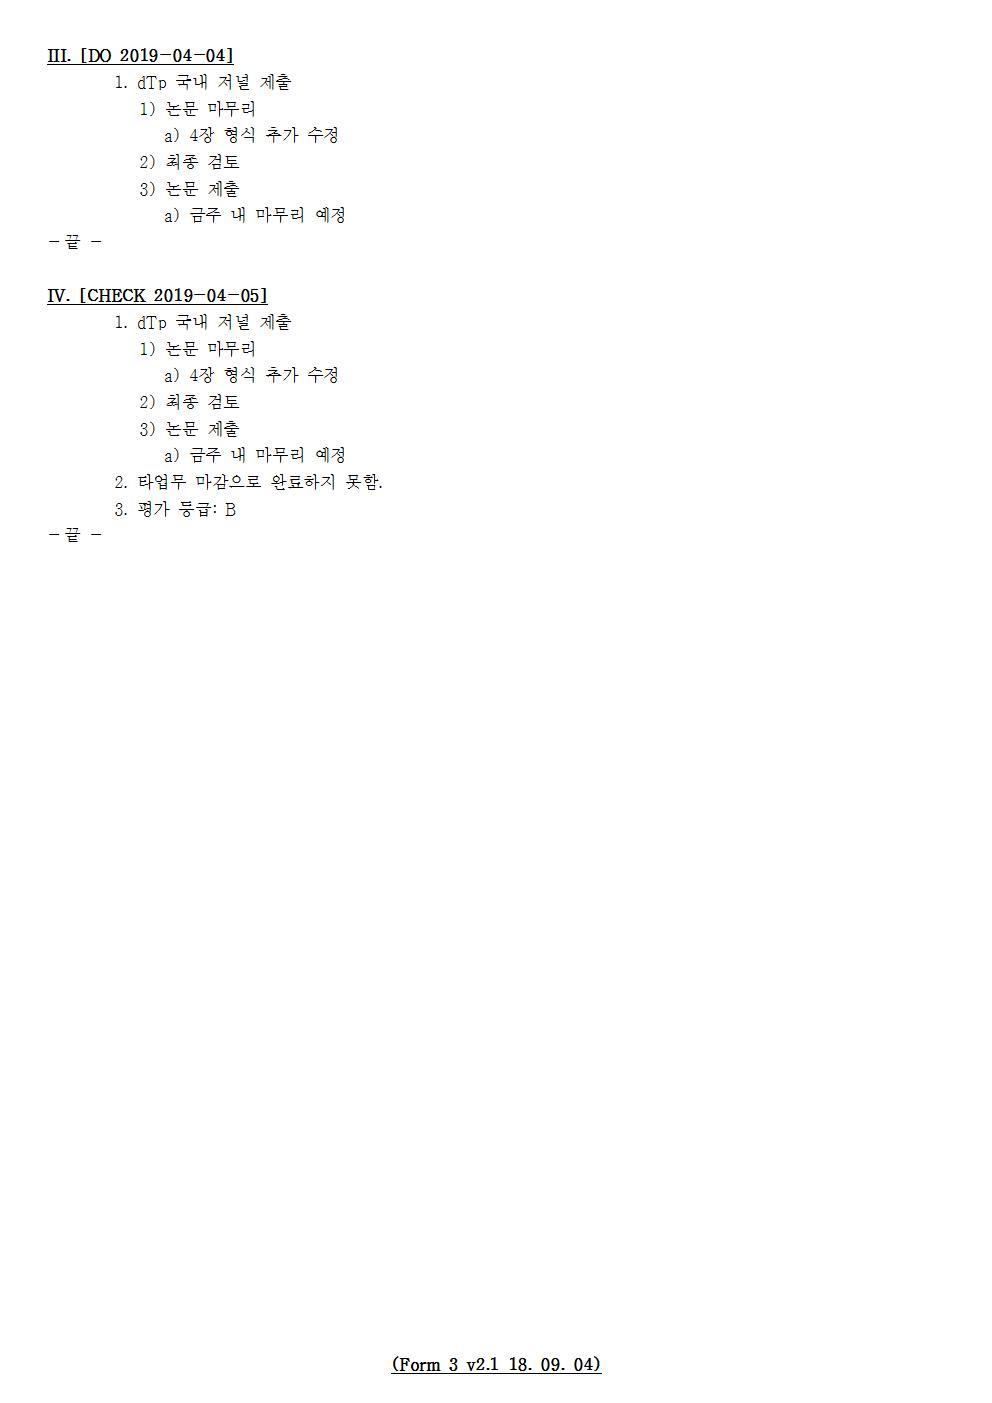 D-[19-012-PP-04]-[dTp-국내]-[2019-04-05][JS]002.jpg